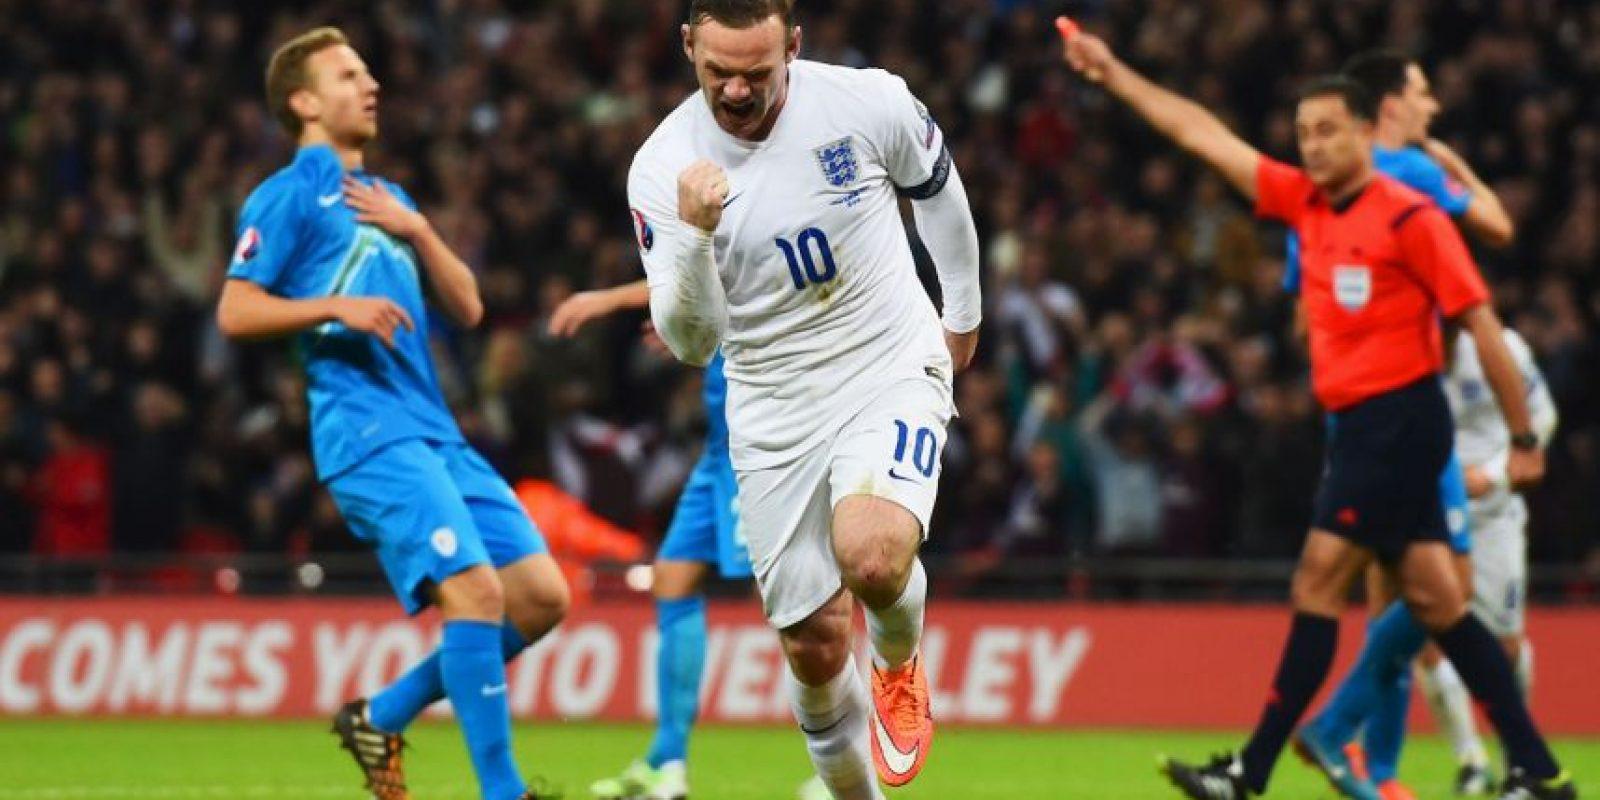 Suma 44 goles con la Selección y está a cinco del récord de Charlton Foto:Getty